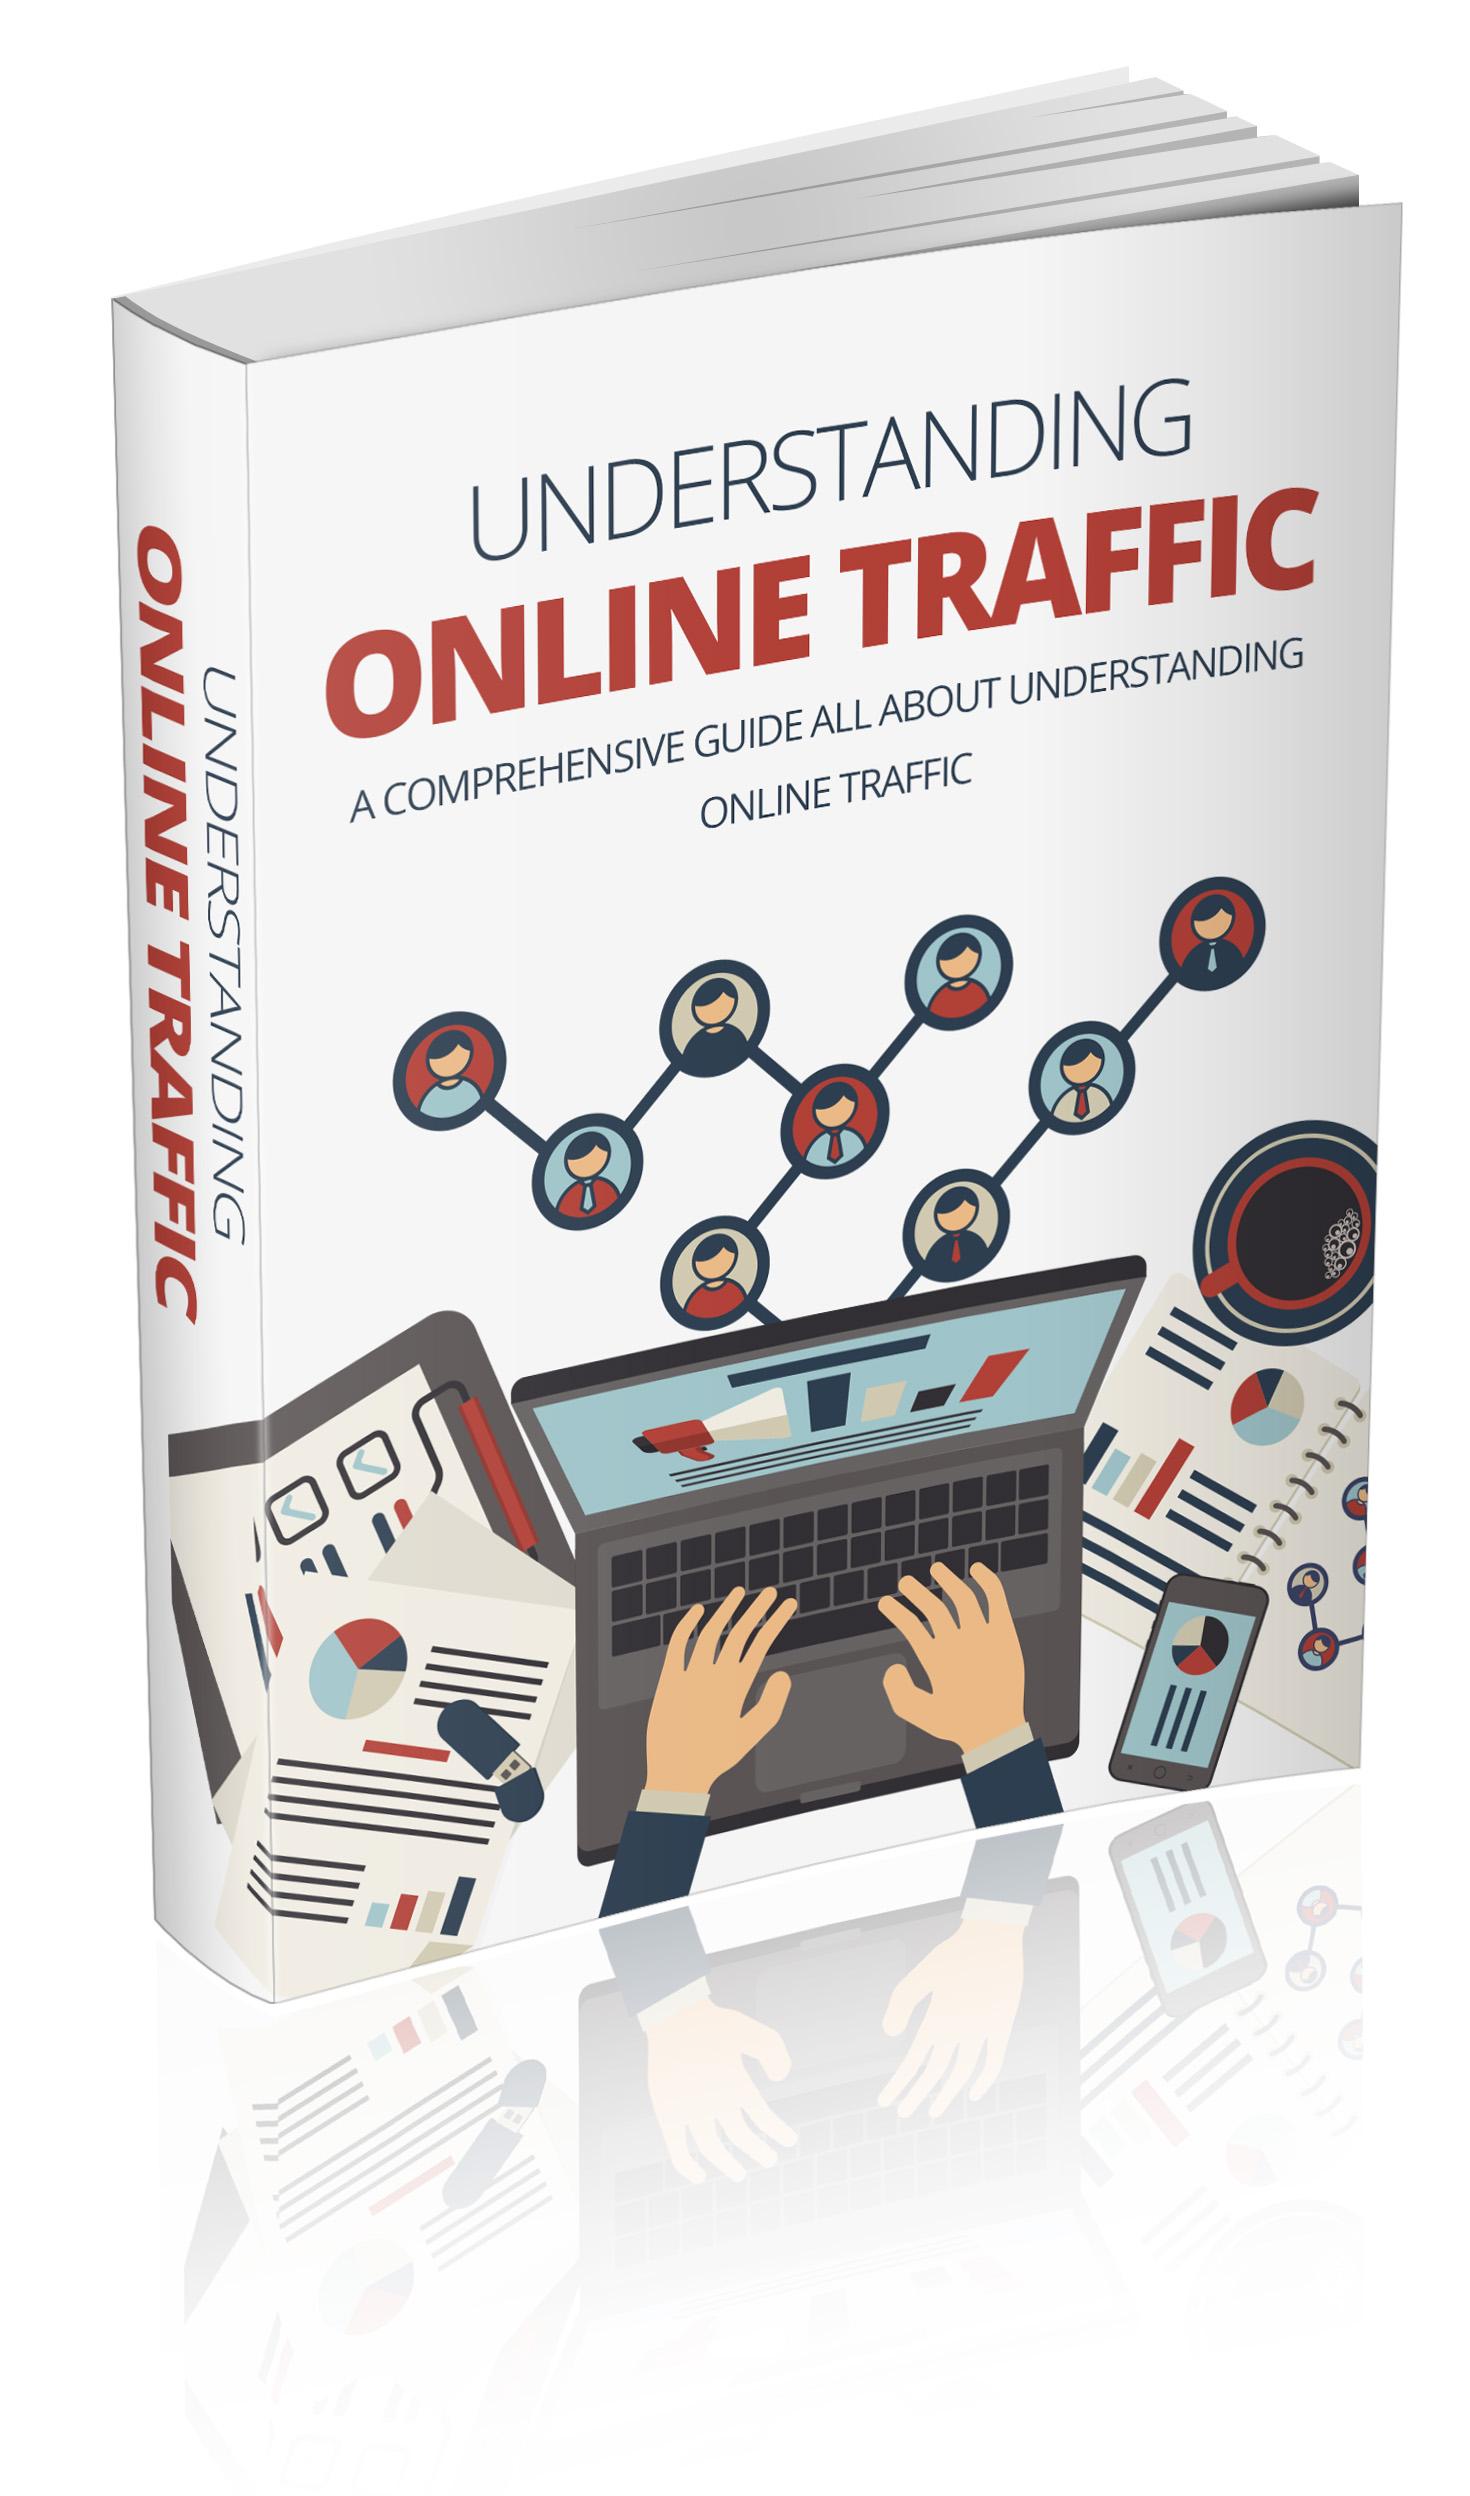 UnderstandingOnlineTraffic Understanding Online Traffic